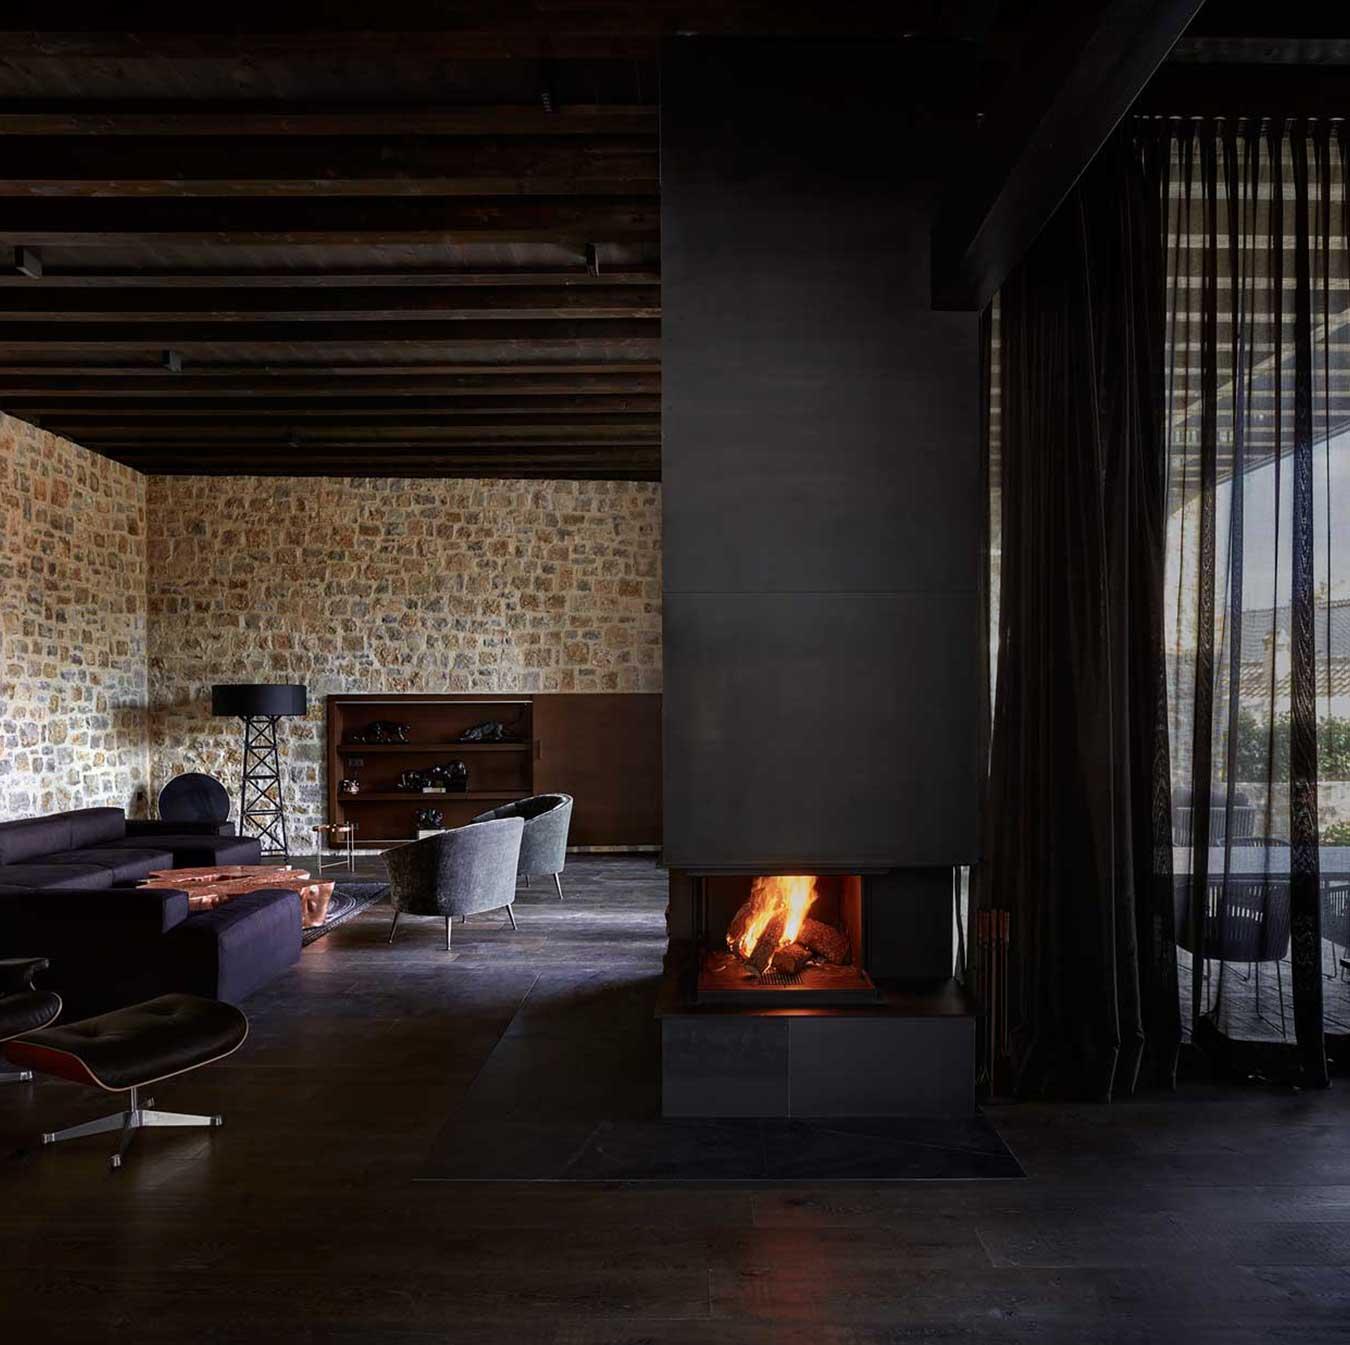 Las paredes de piedra y la chimenea otorgan a la vivienda un toque acogedor  / Mariela Apollonio